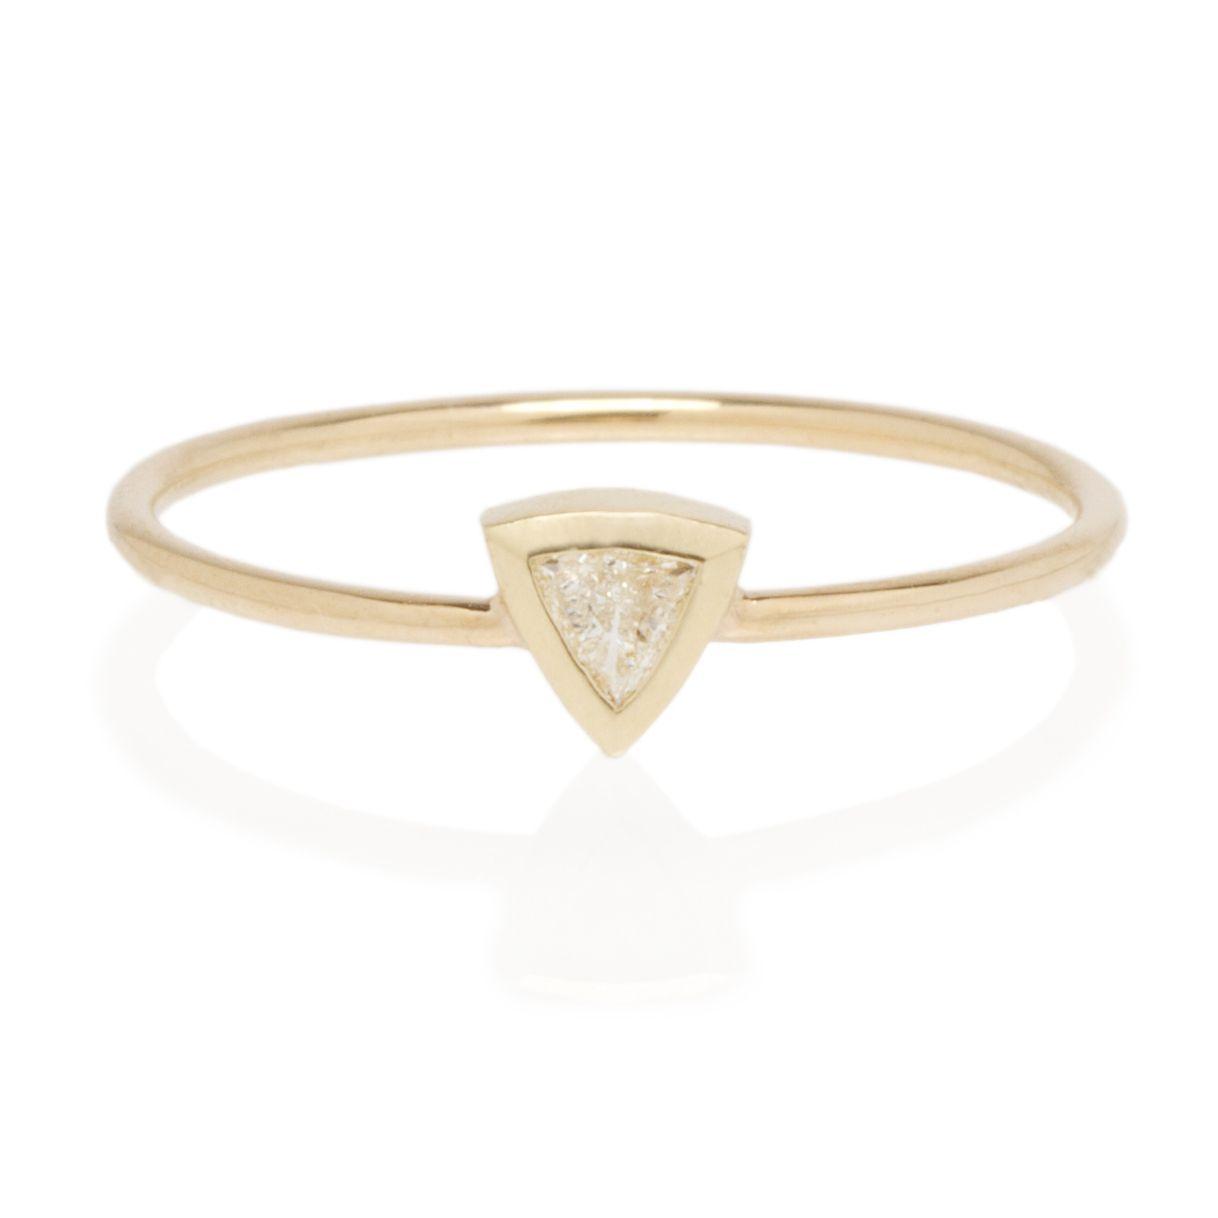 Zoë Chicco 14K Trillion Diamond Ring